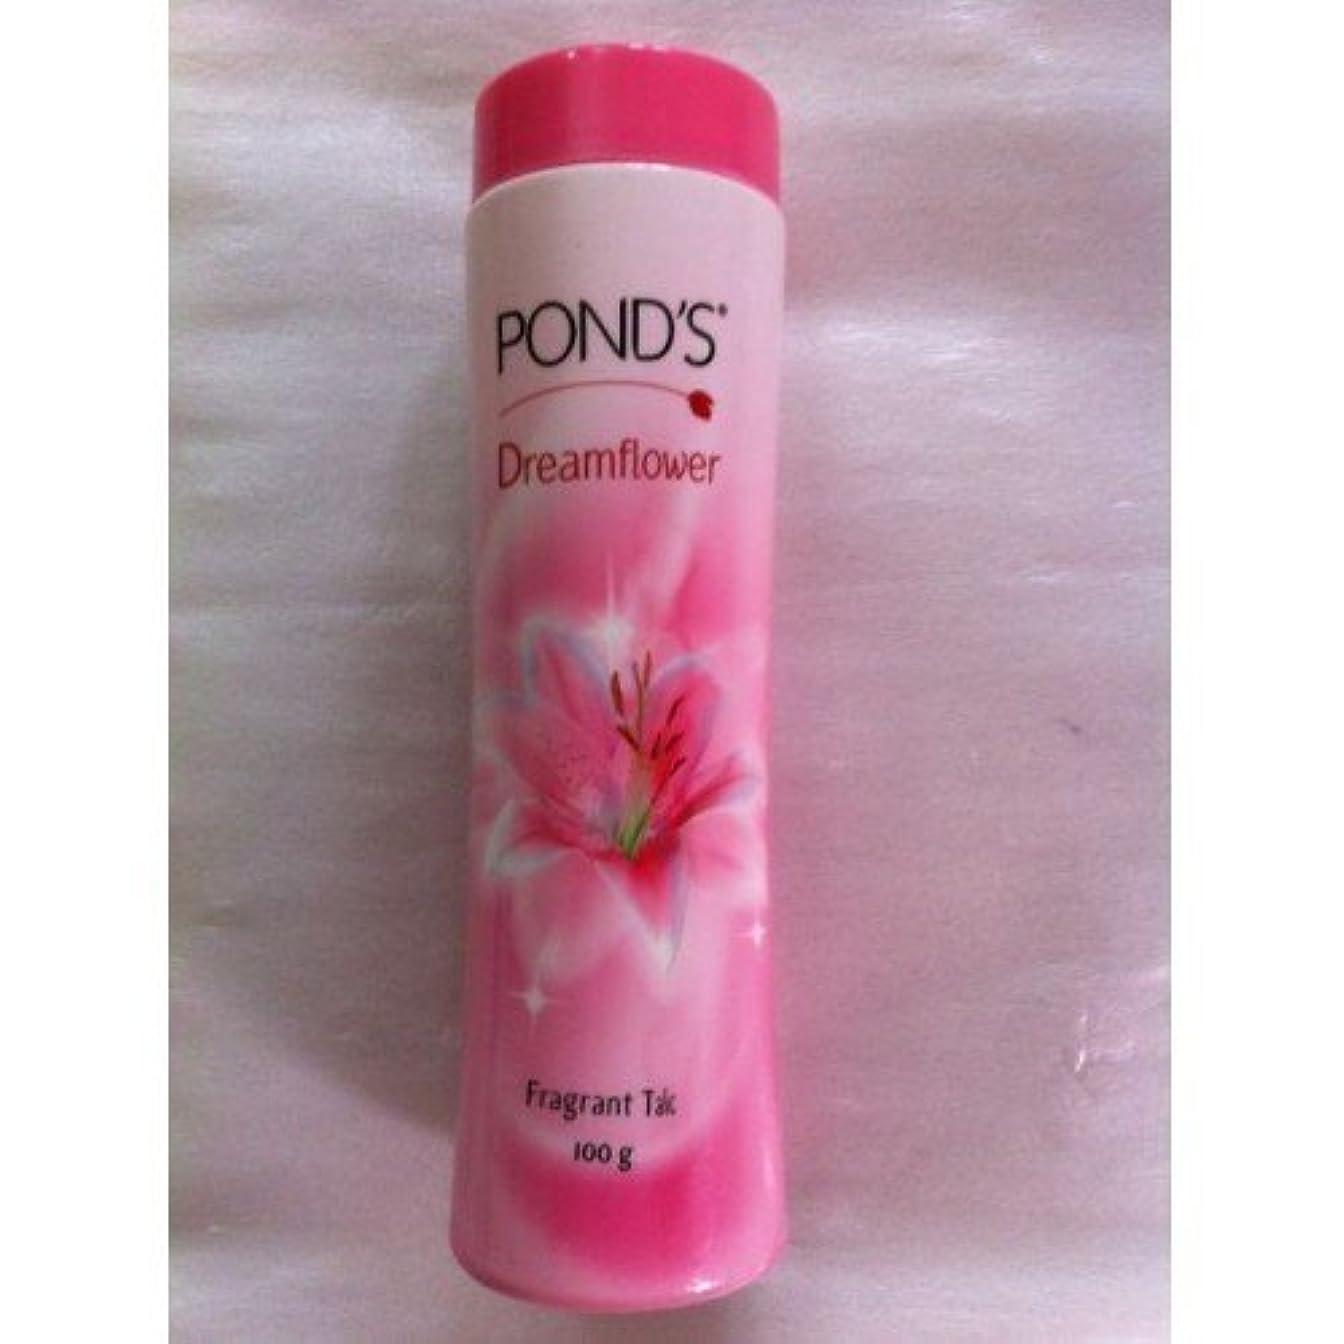 ぴかぴか機会十一Ponds Dreamflower Magic Face Talcum Powder Skin Brightening Talc 100G X 2 =200G by Ponds Dreamflower Talc